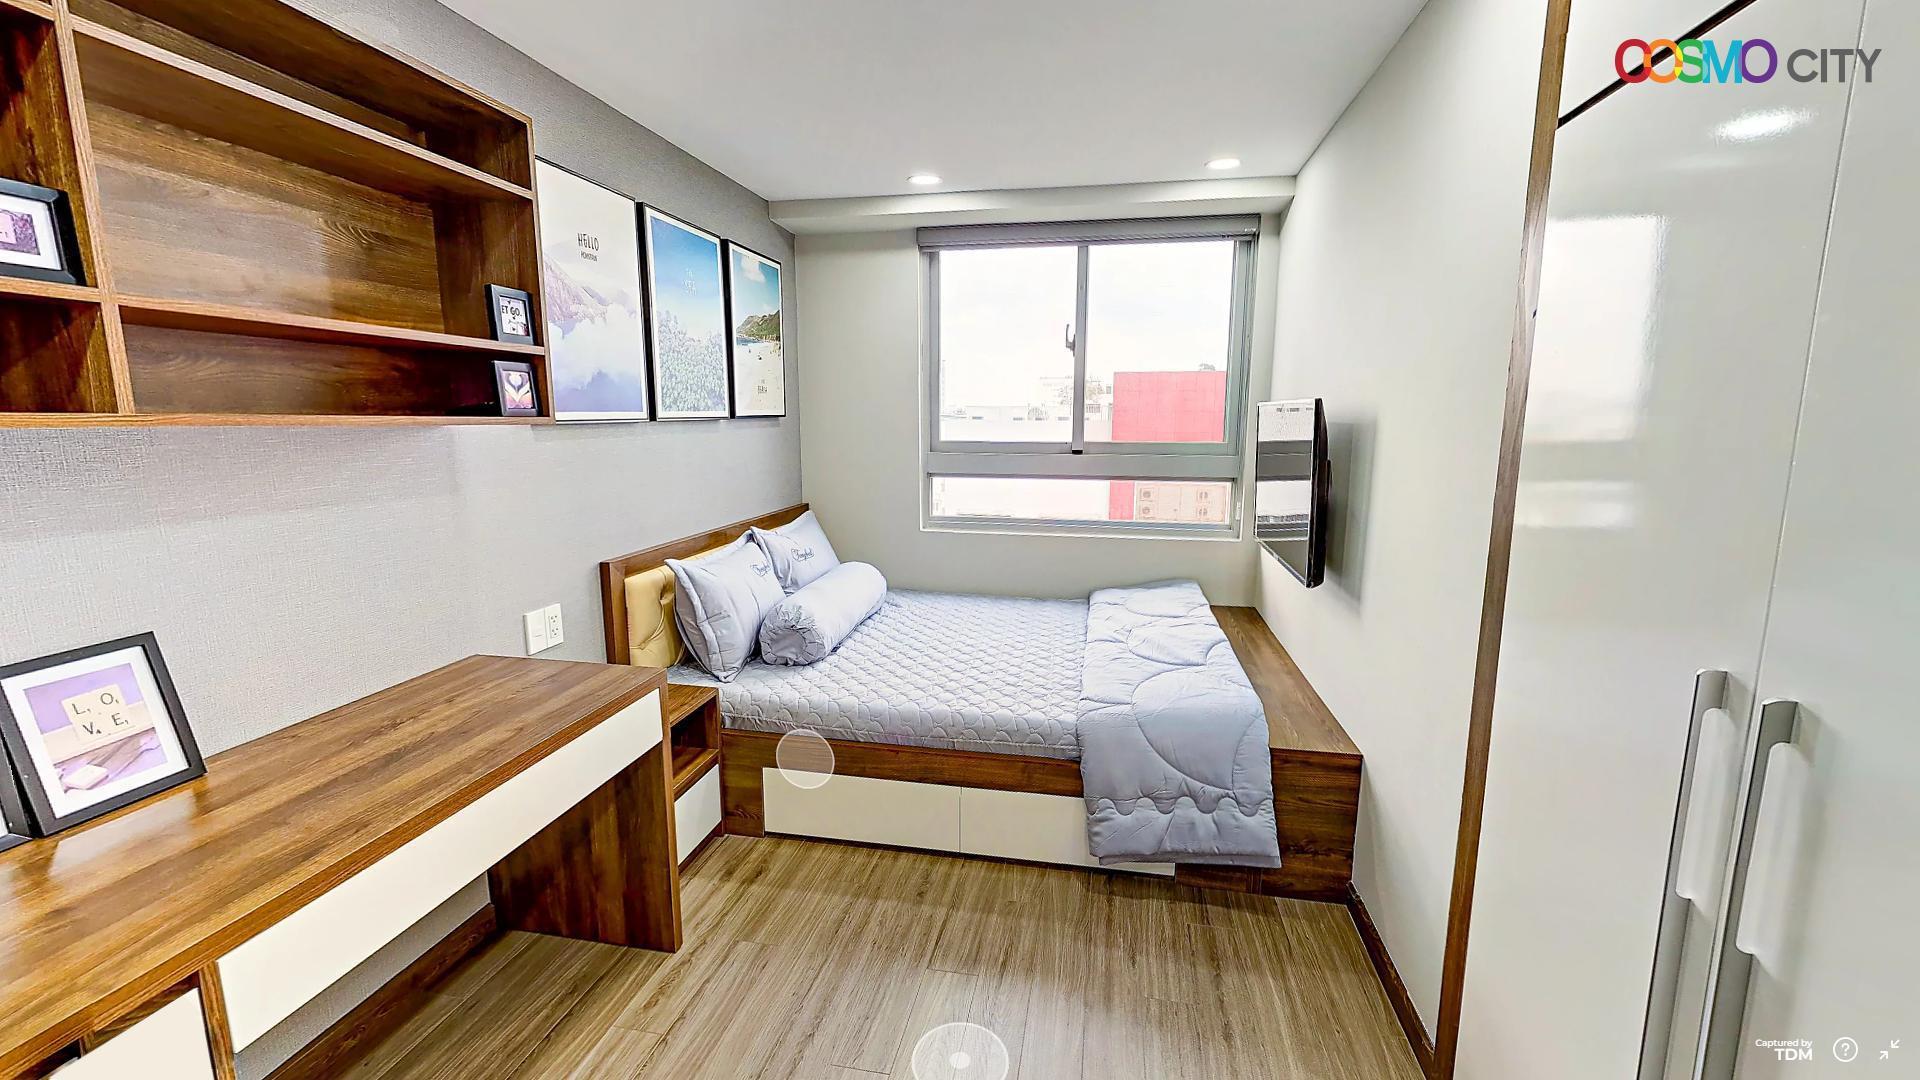 hình ảnh dự án căn hộ comso city